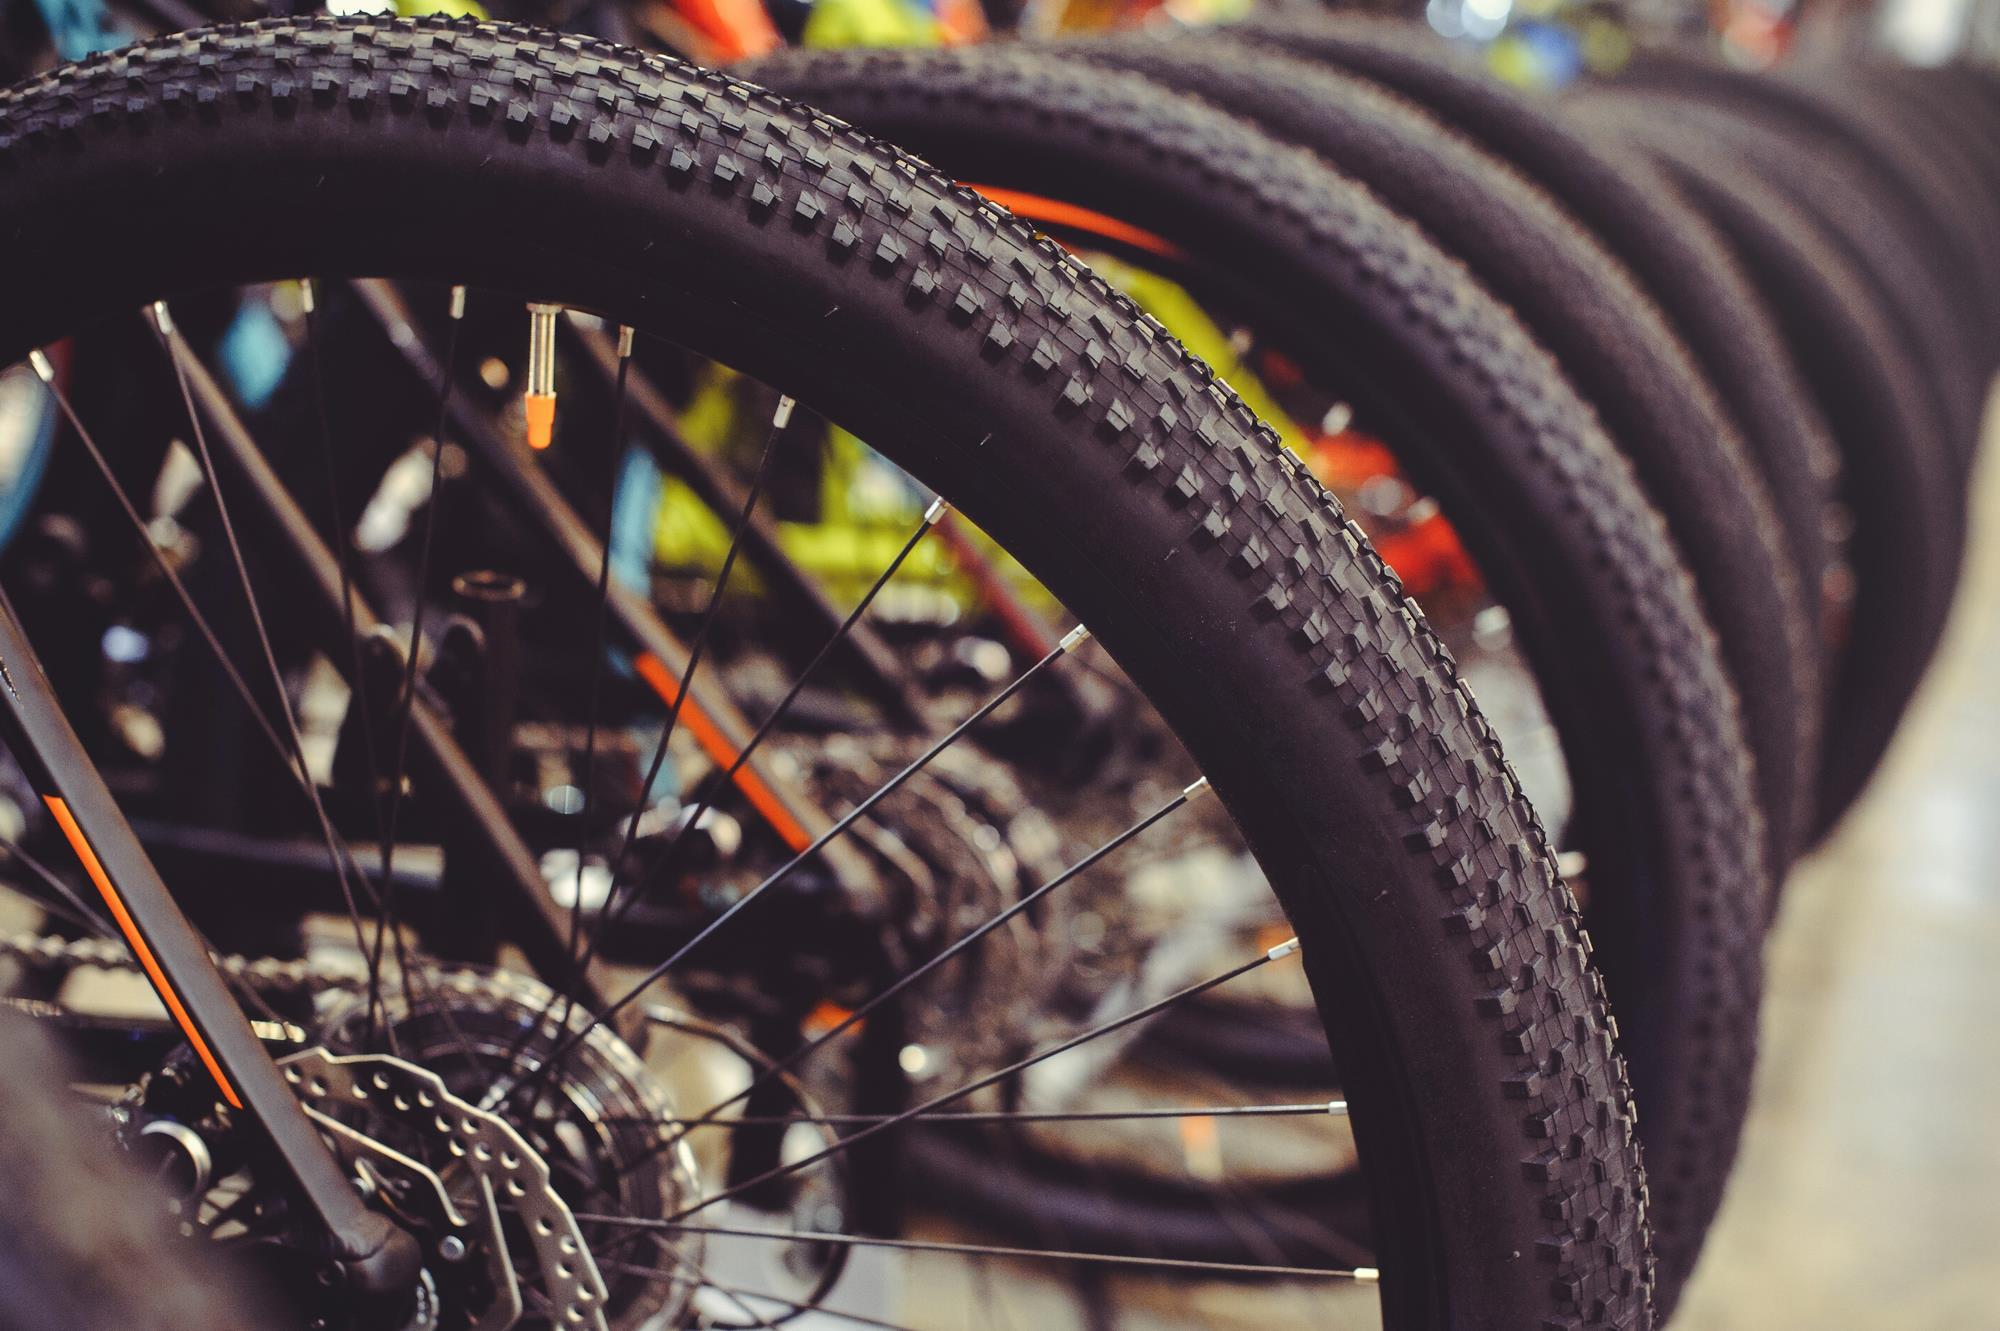 acheter de pneus de vélo